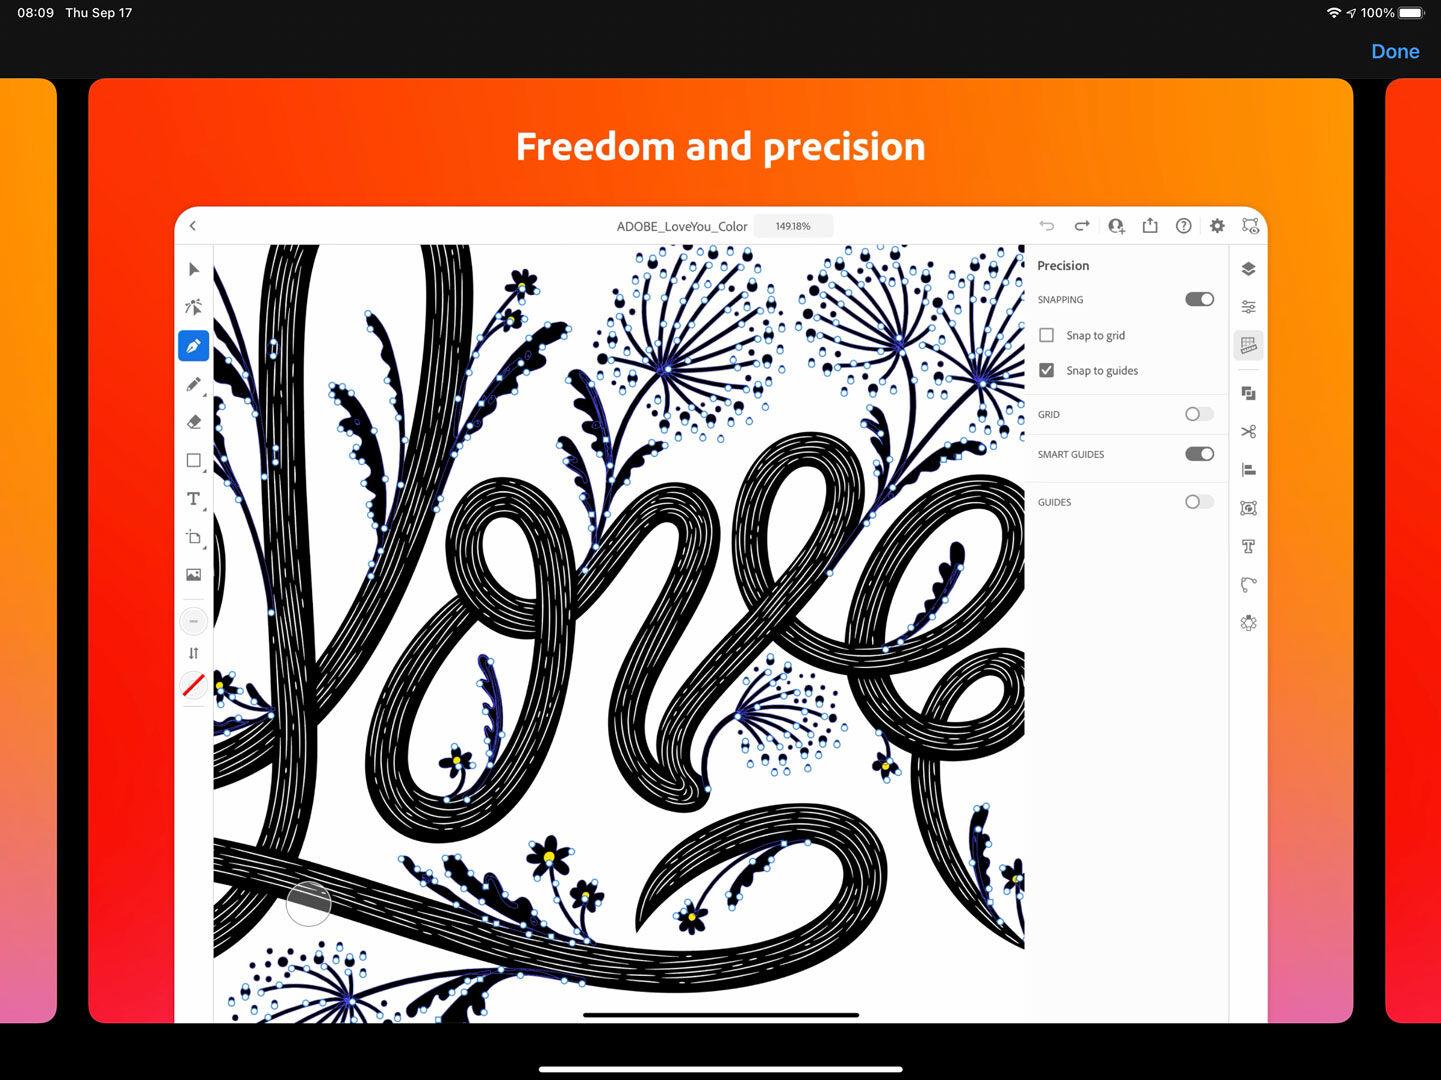 Adobe Illustrator on the iPad